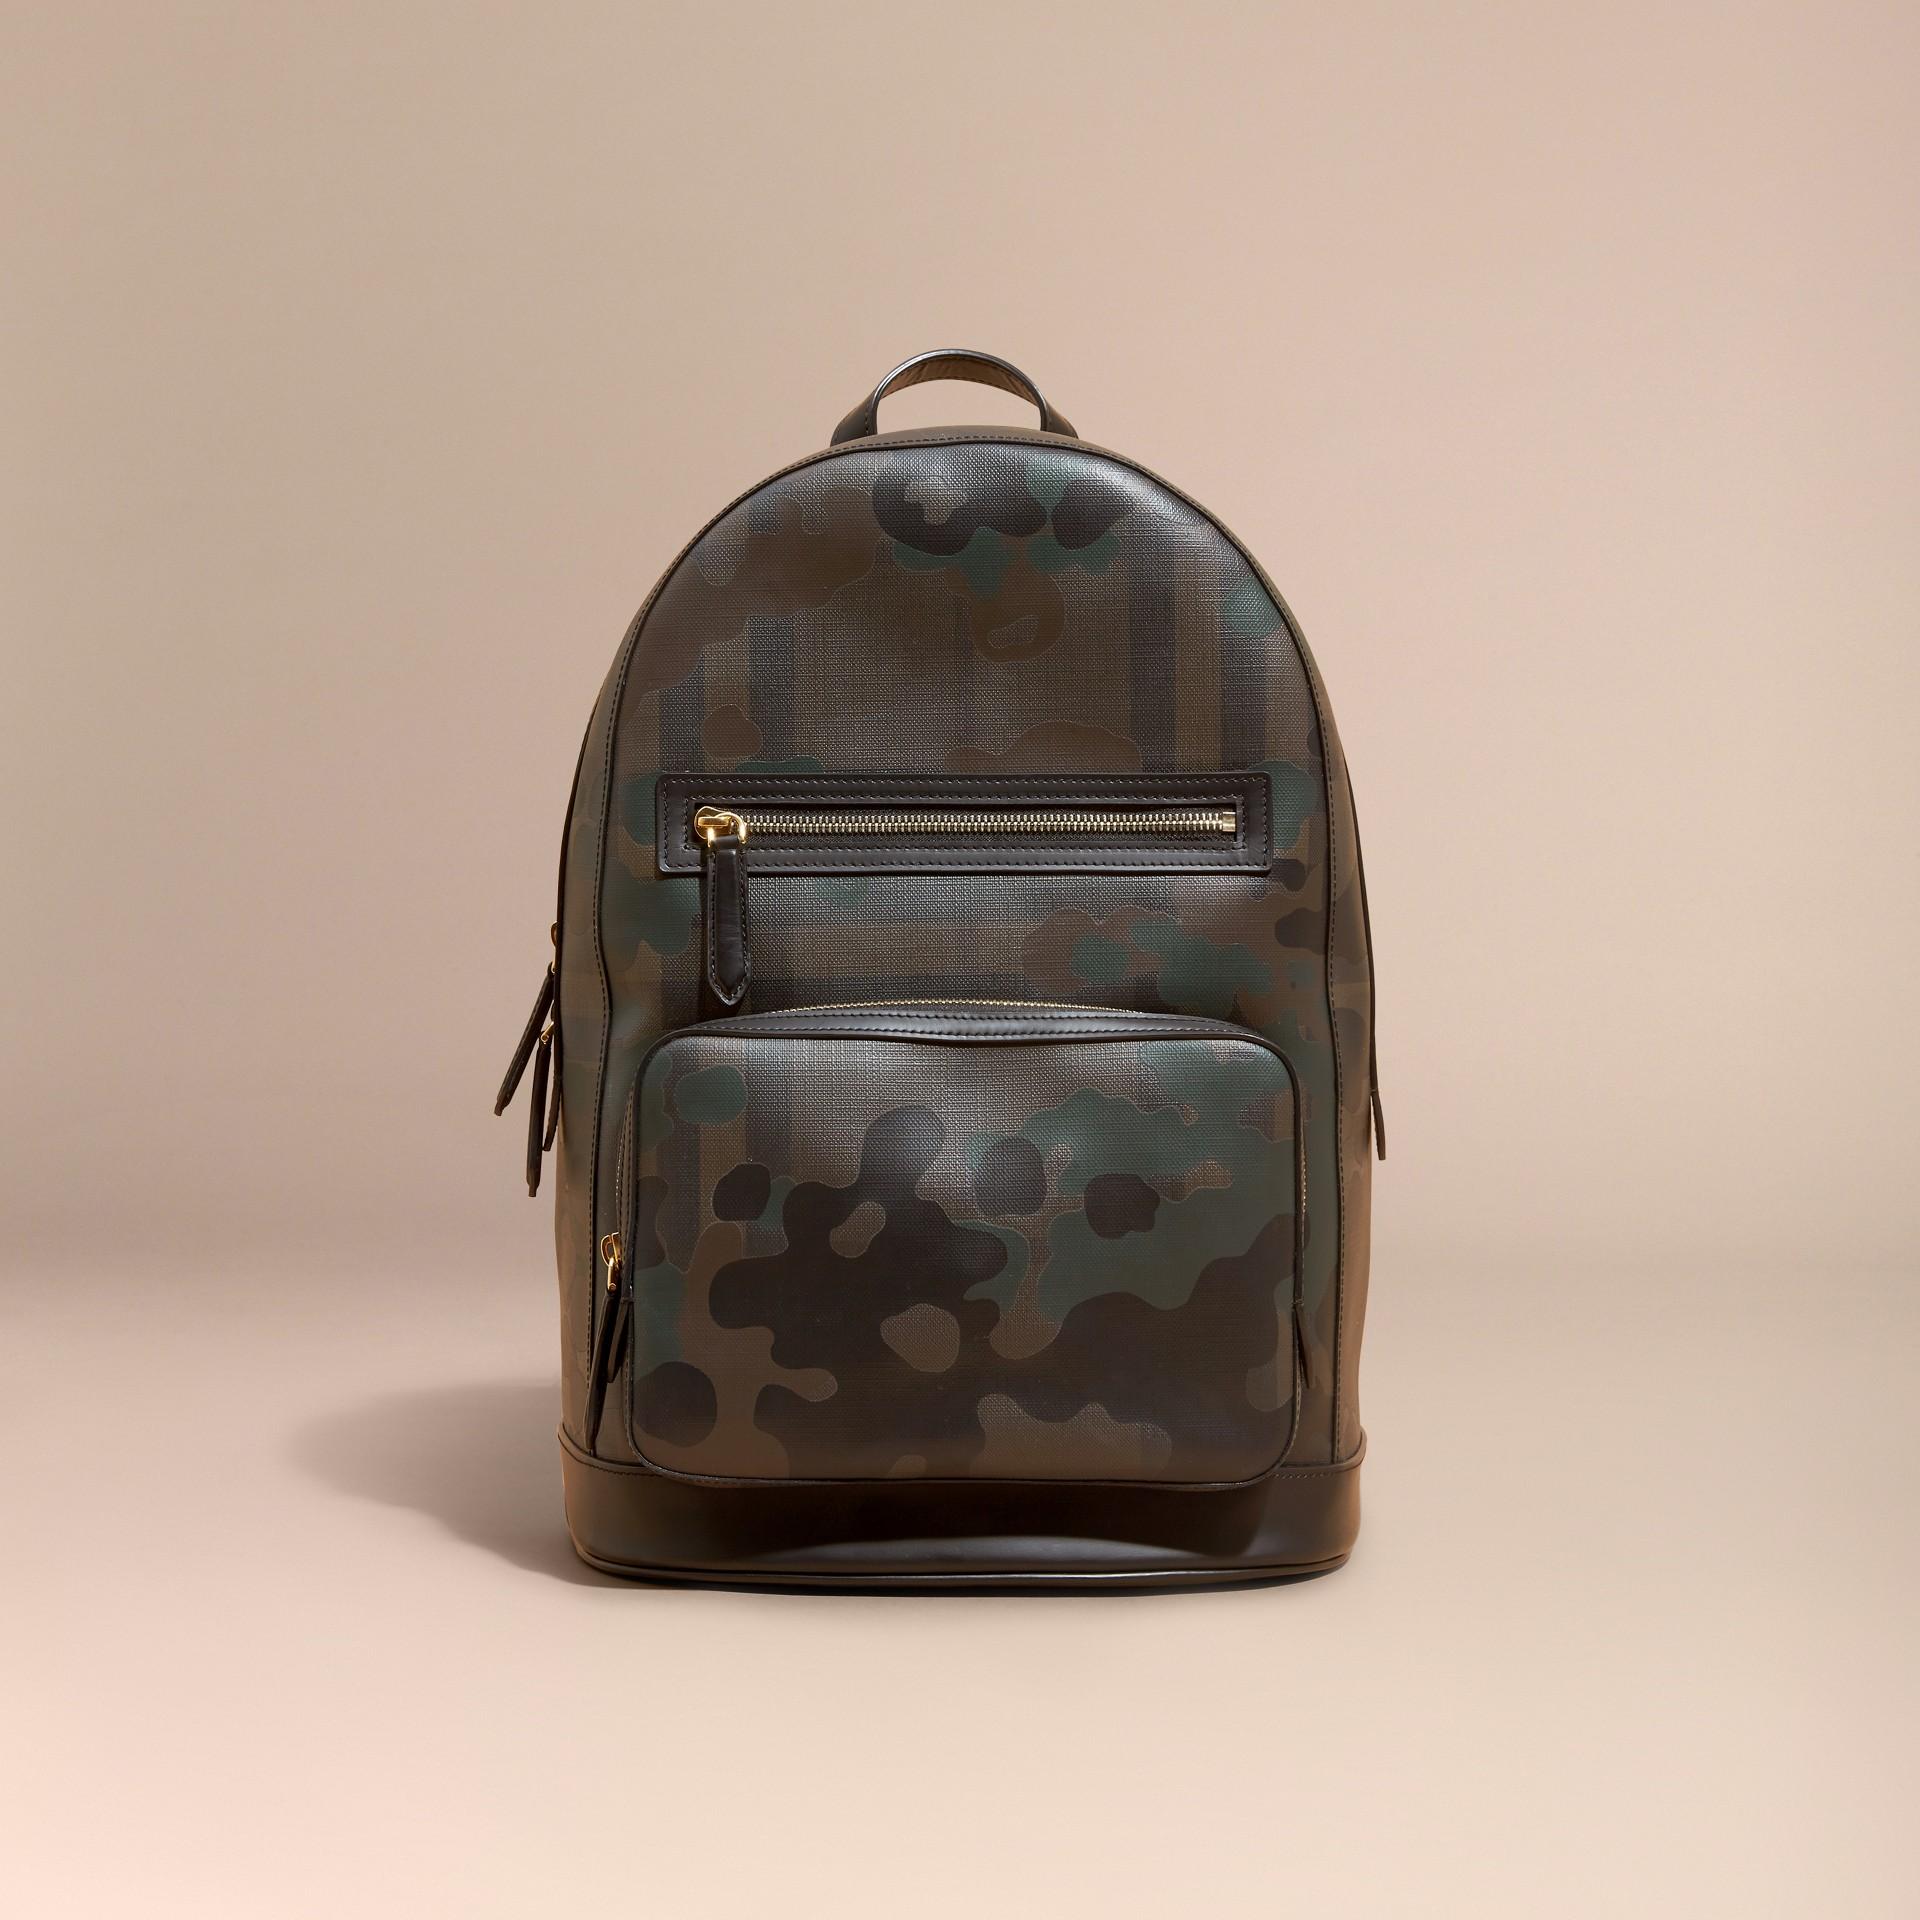 Schokoladenbraun Rucksack in London Check mit Camouflage-Druck - Galerie-Bild 8